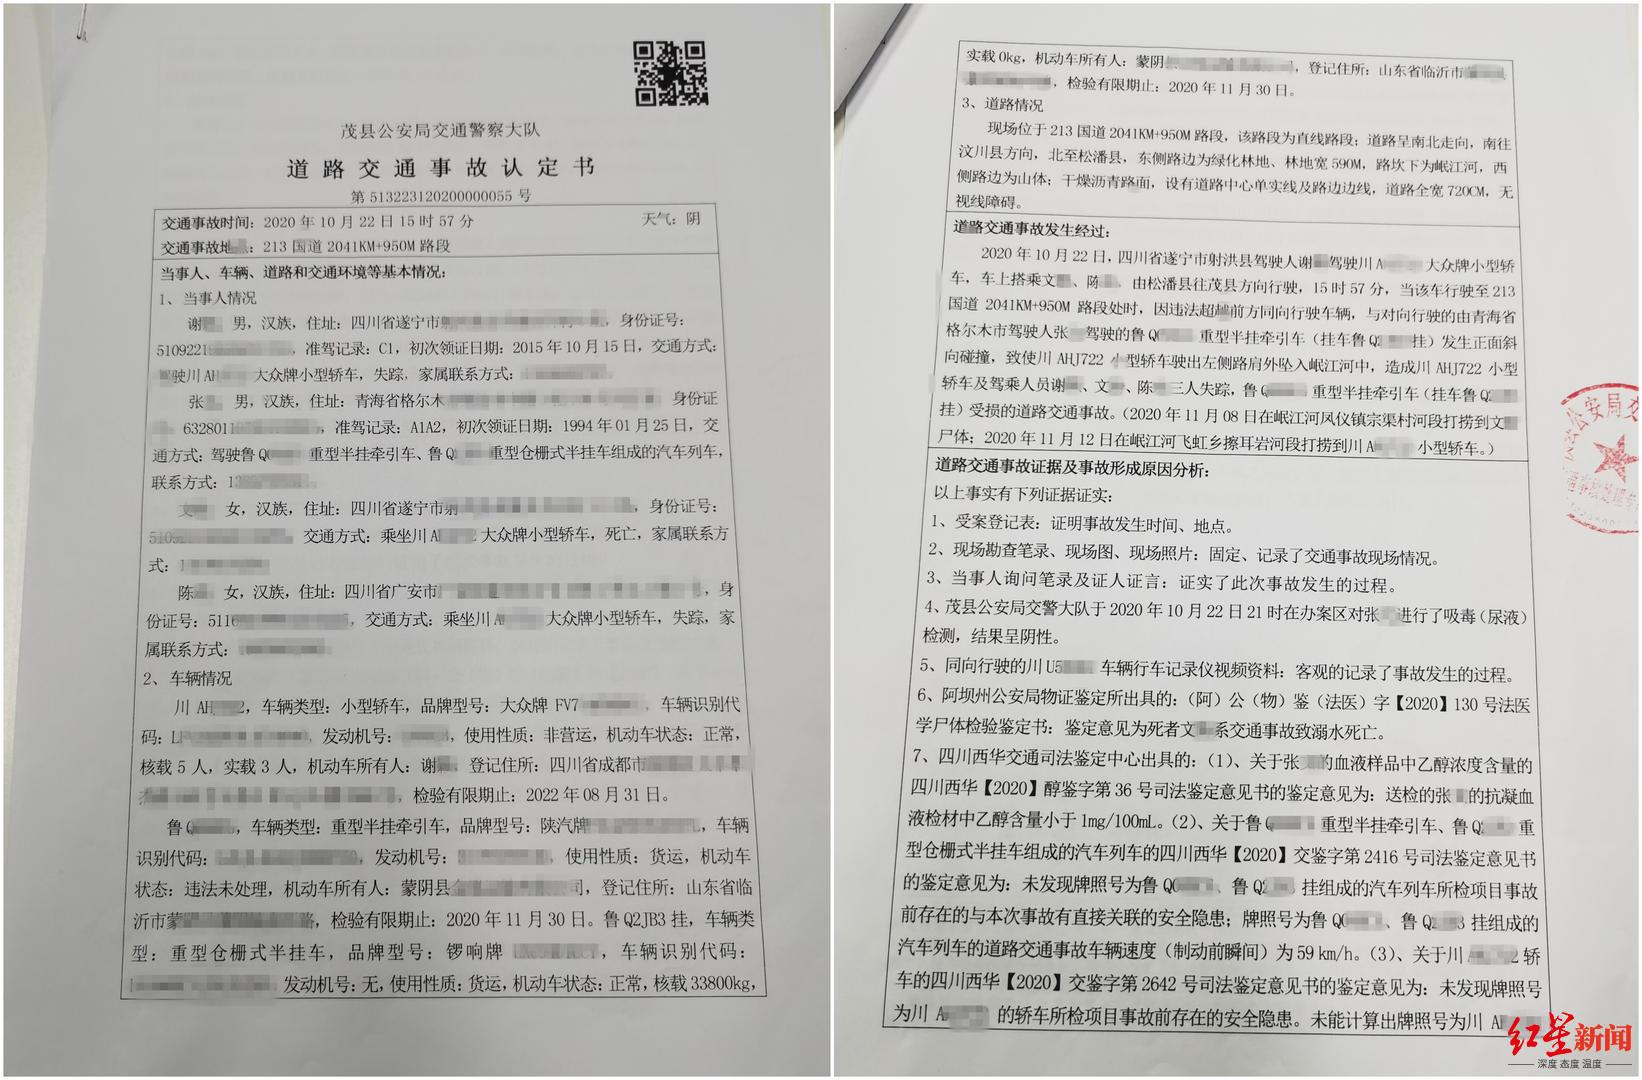 茂县交警大队出具的事故责任认定书